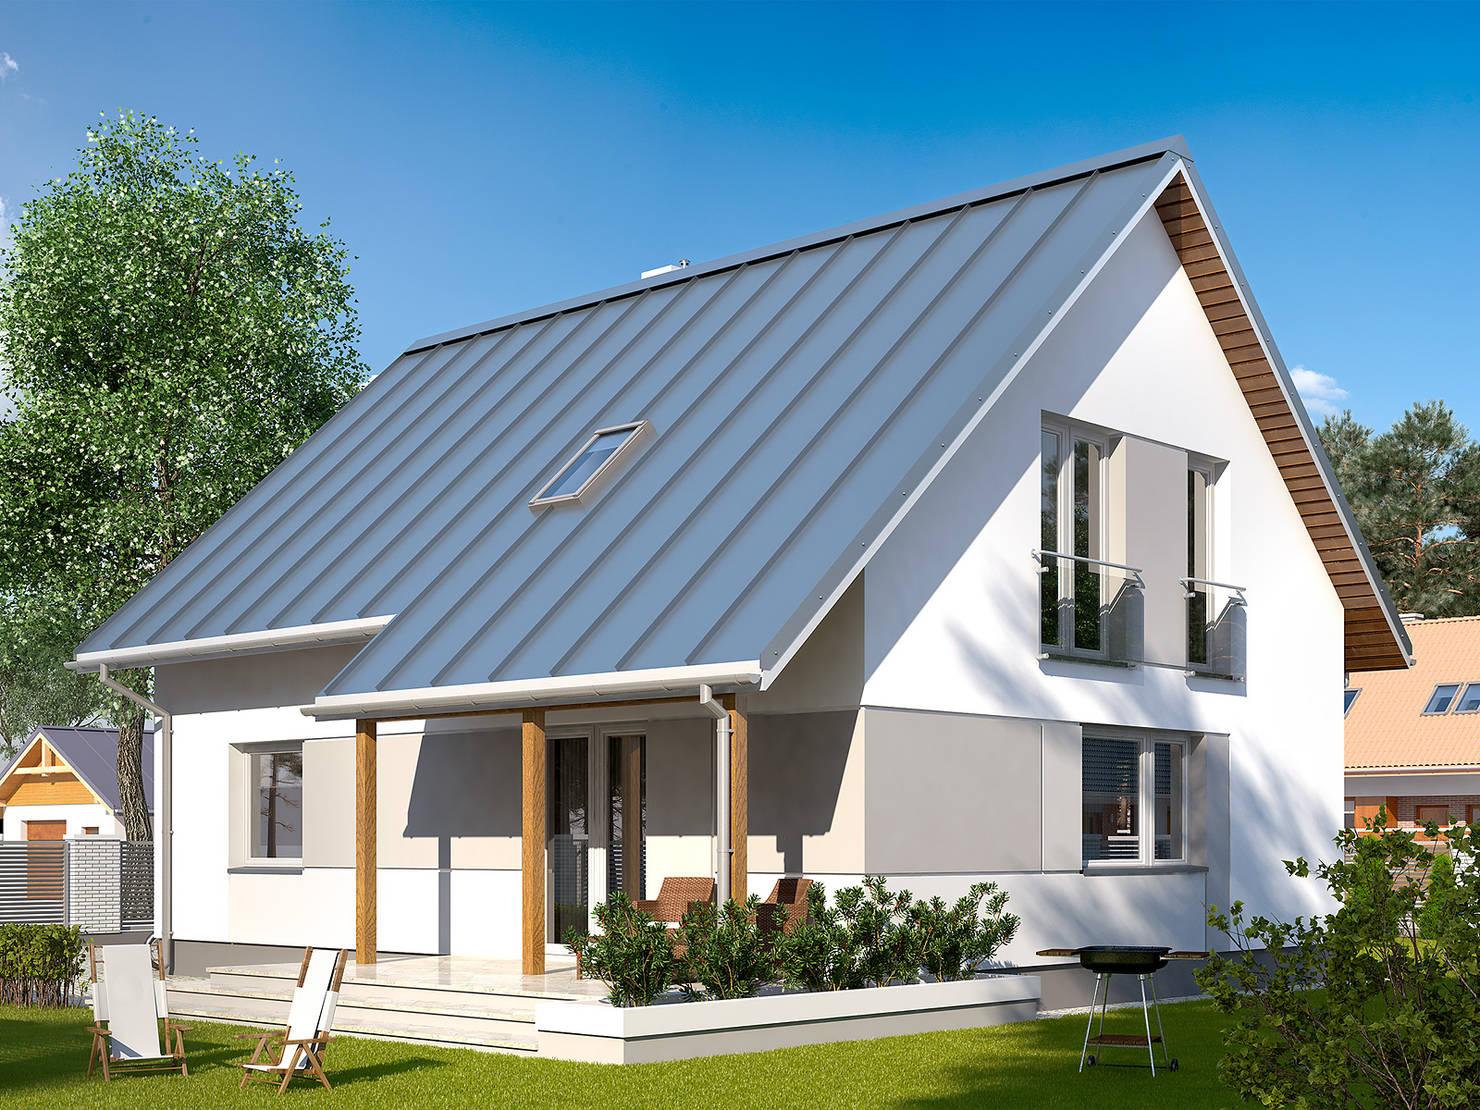 Дом-мечта: 1,5 млн рублей для самостоятельной стройки